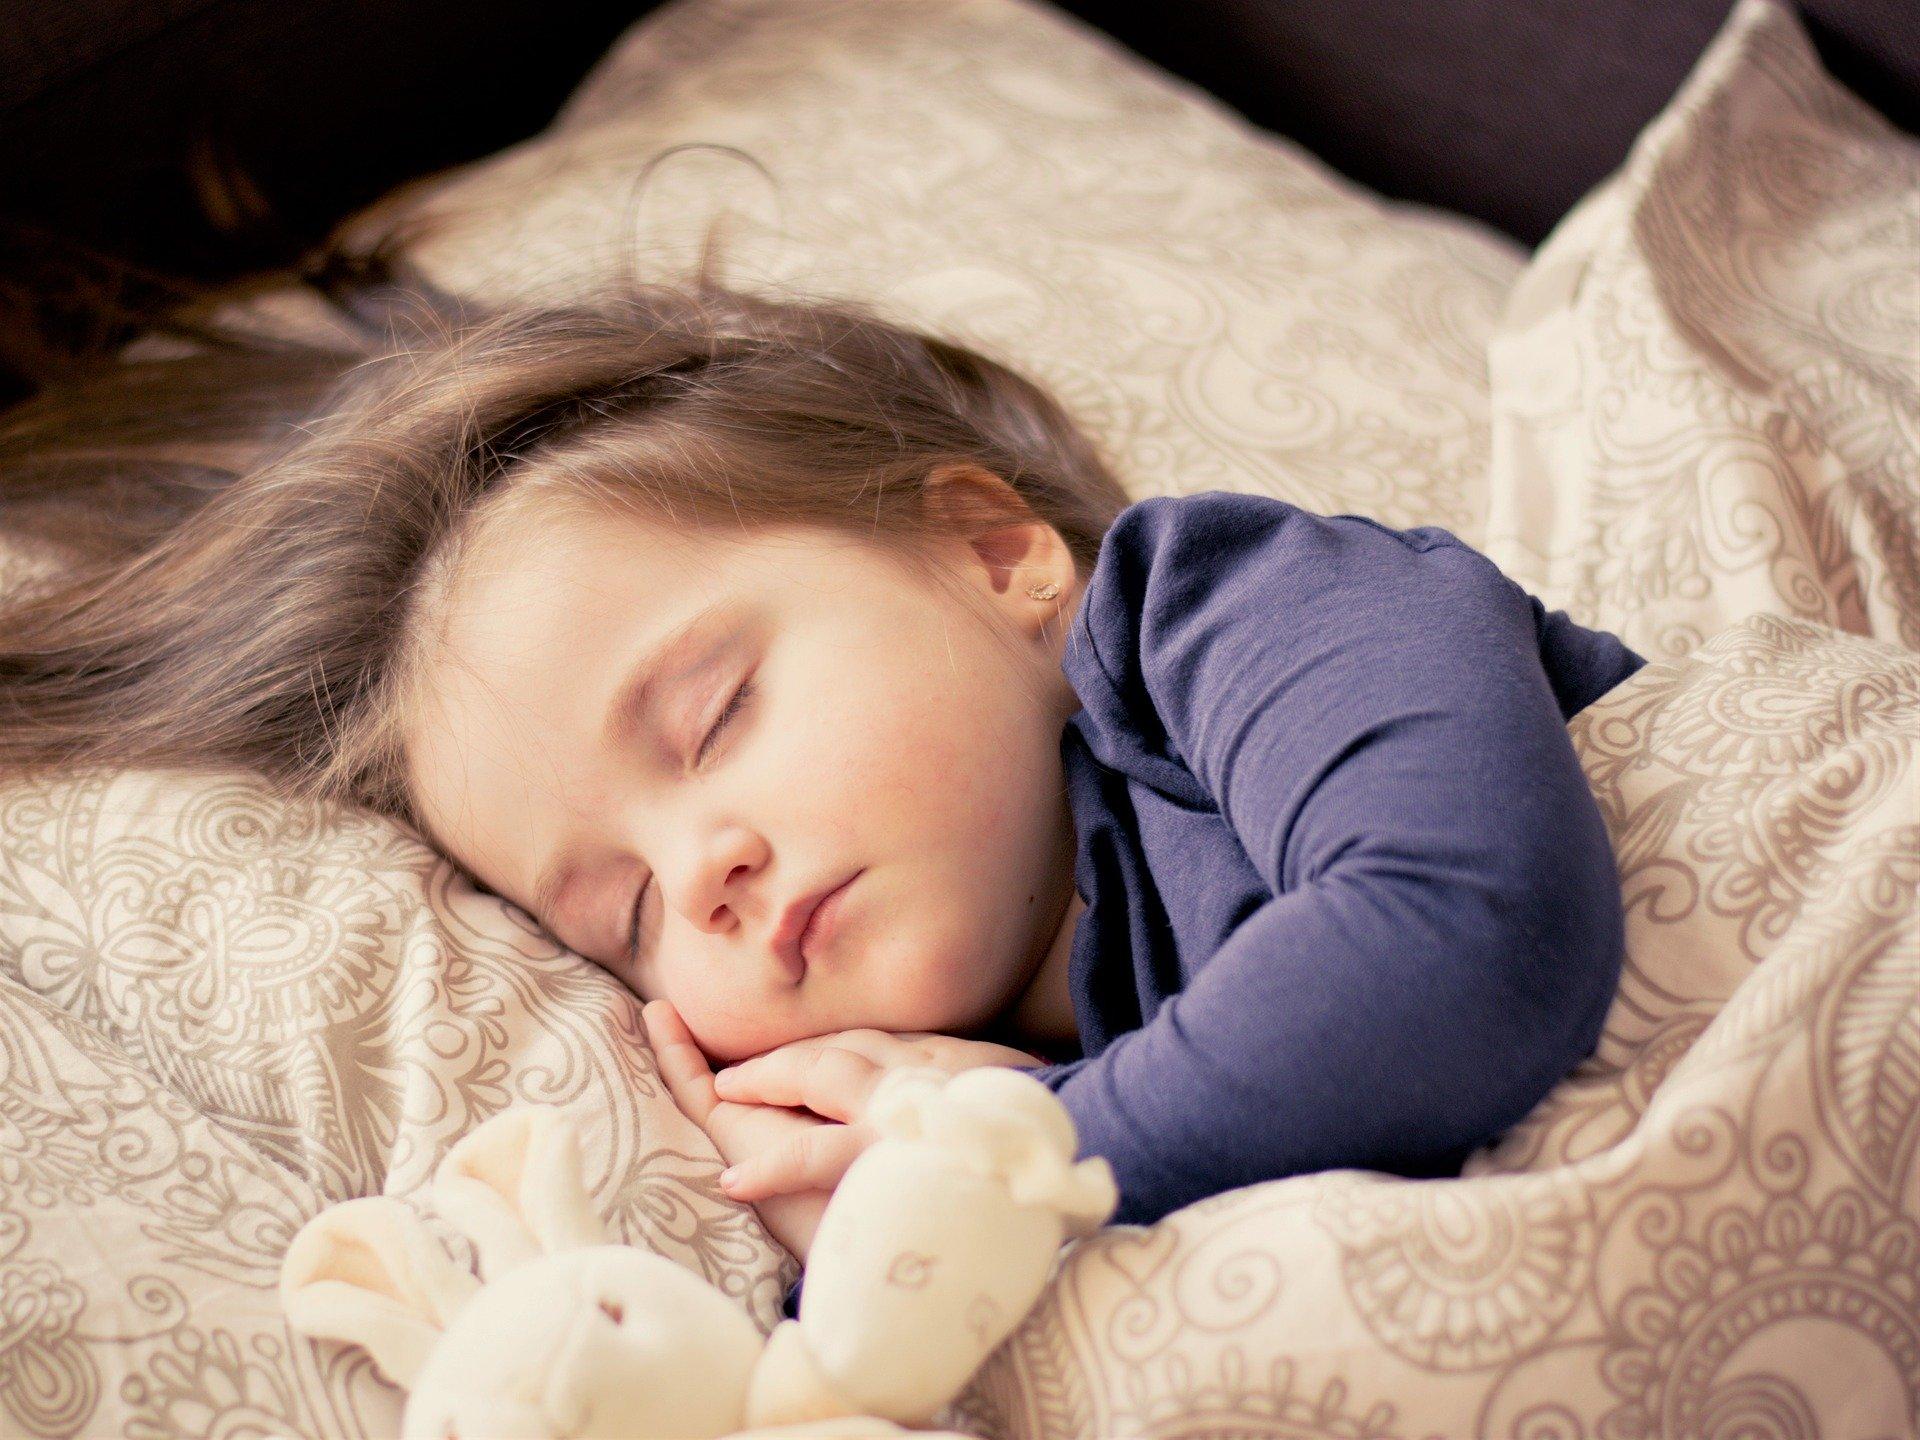 8 совети кои ќе му помогнат на вашето дете да заспие побрзо